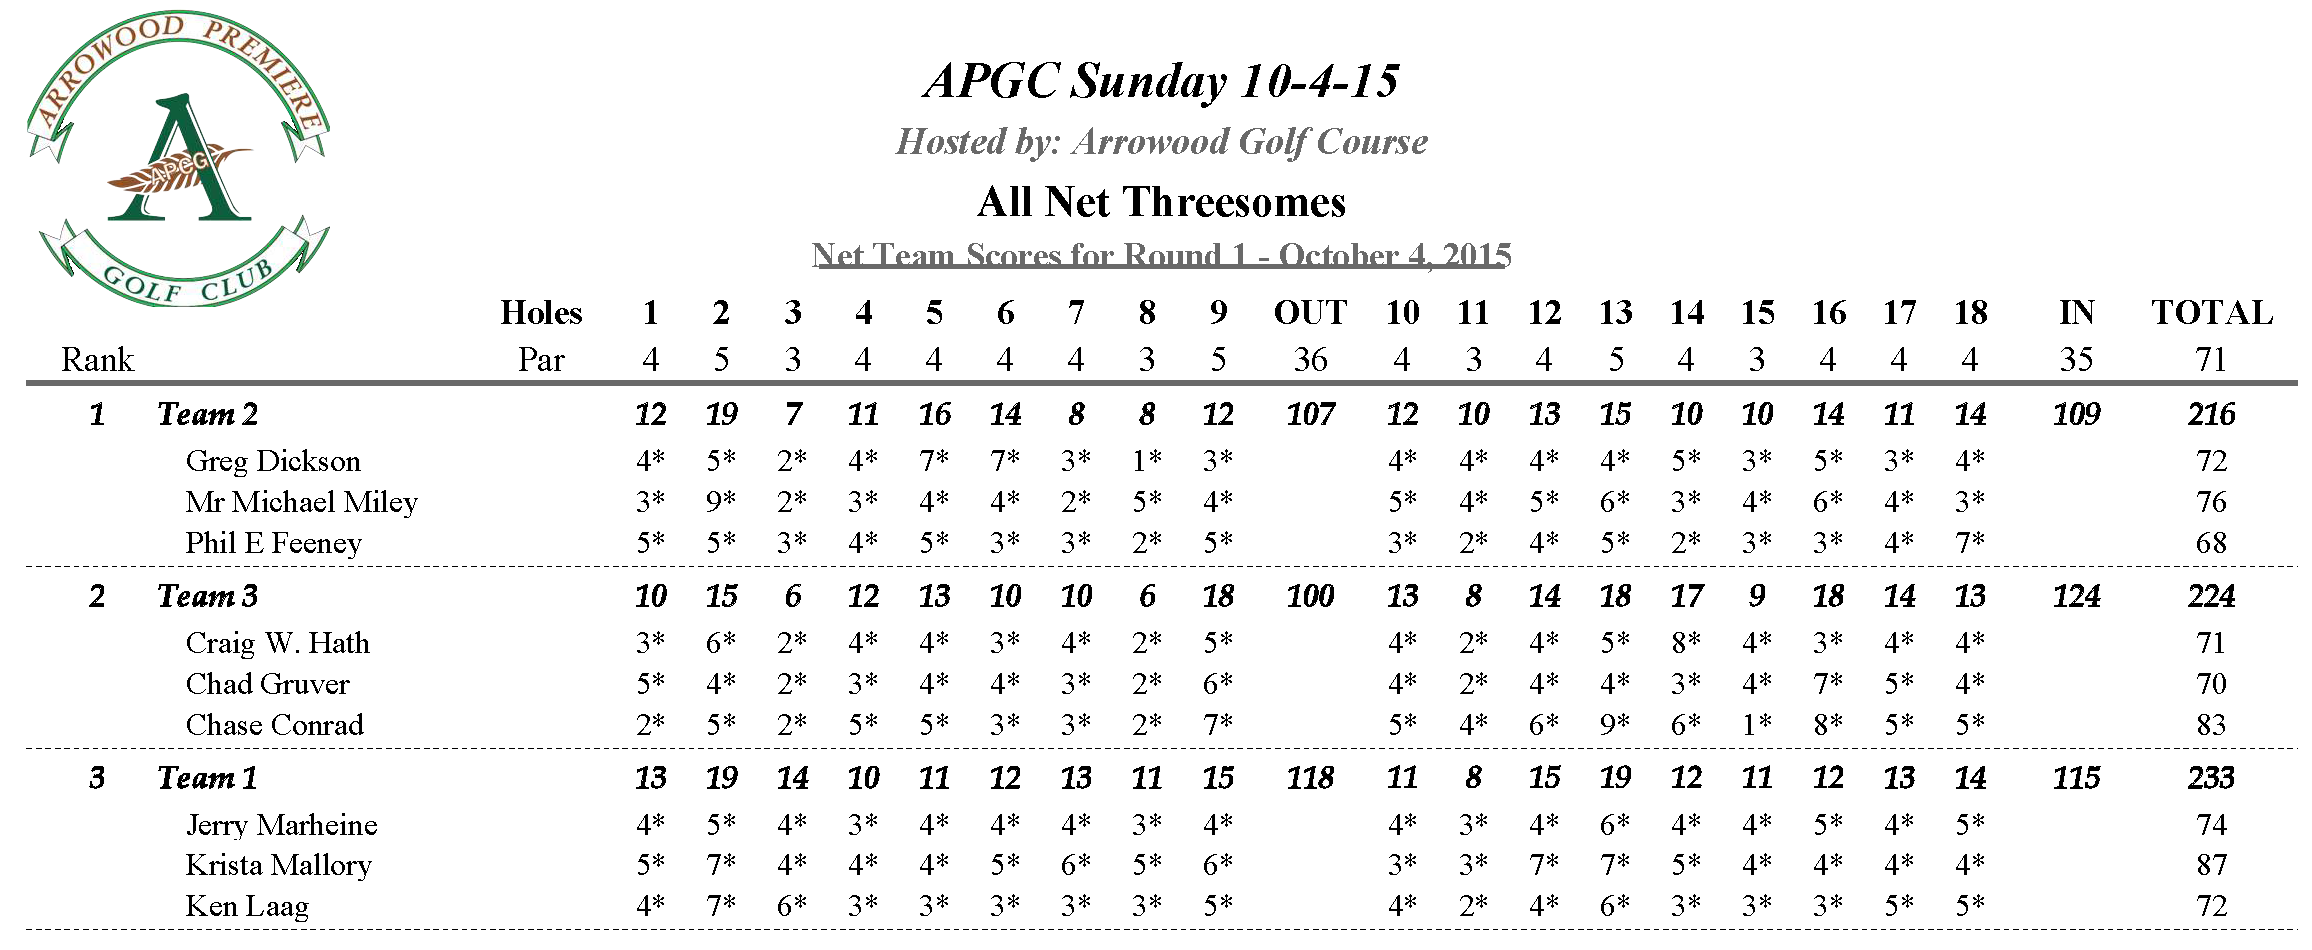 APGC 10-4-15